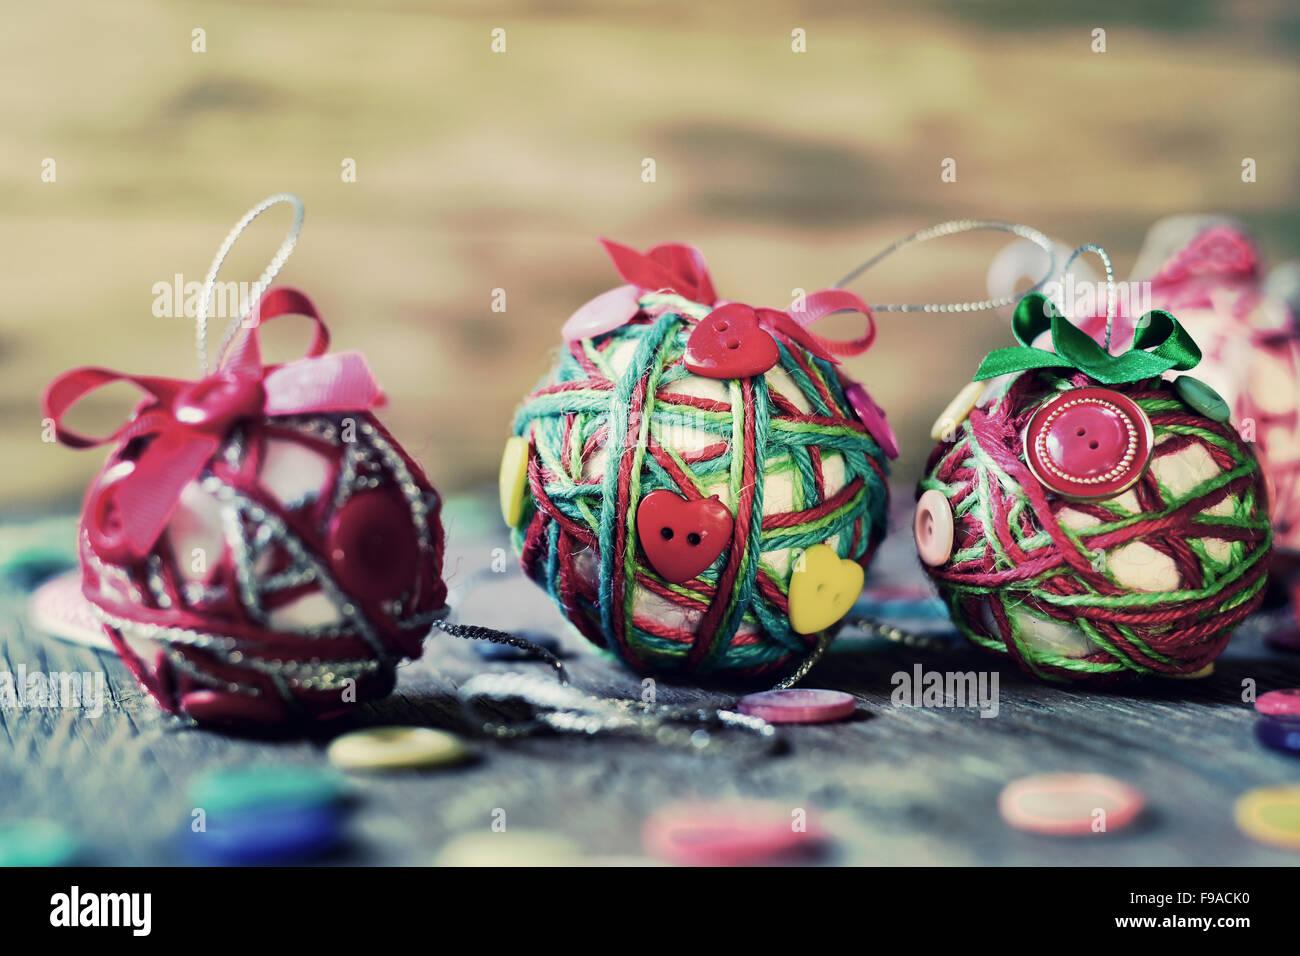 Boule De Noel Ficelle.Libre De Quelques Différentes Boules De Noël Faites à La